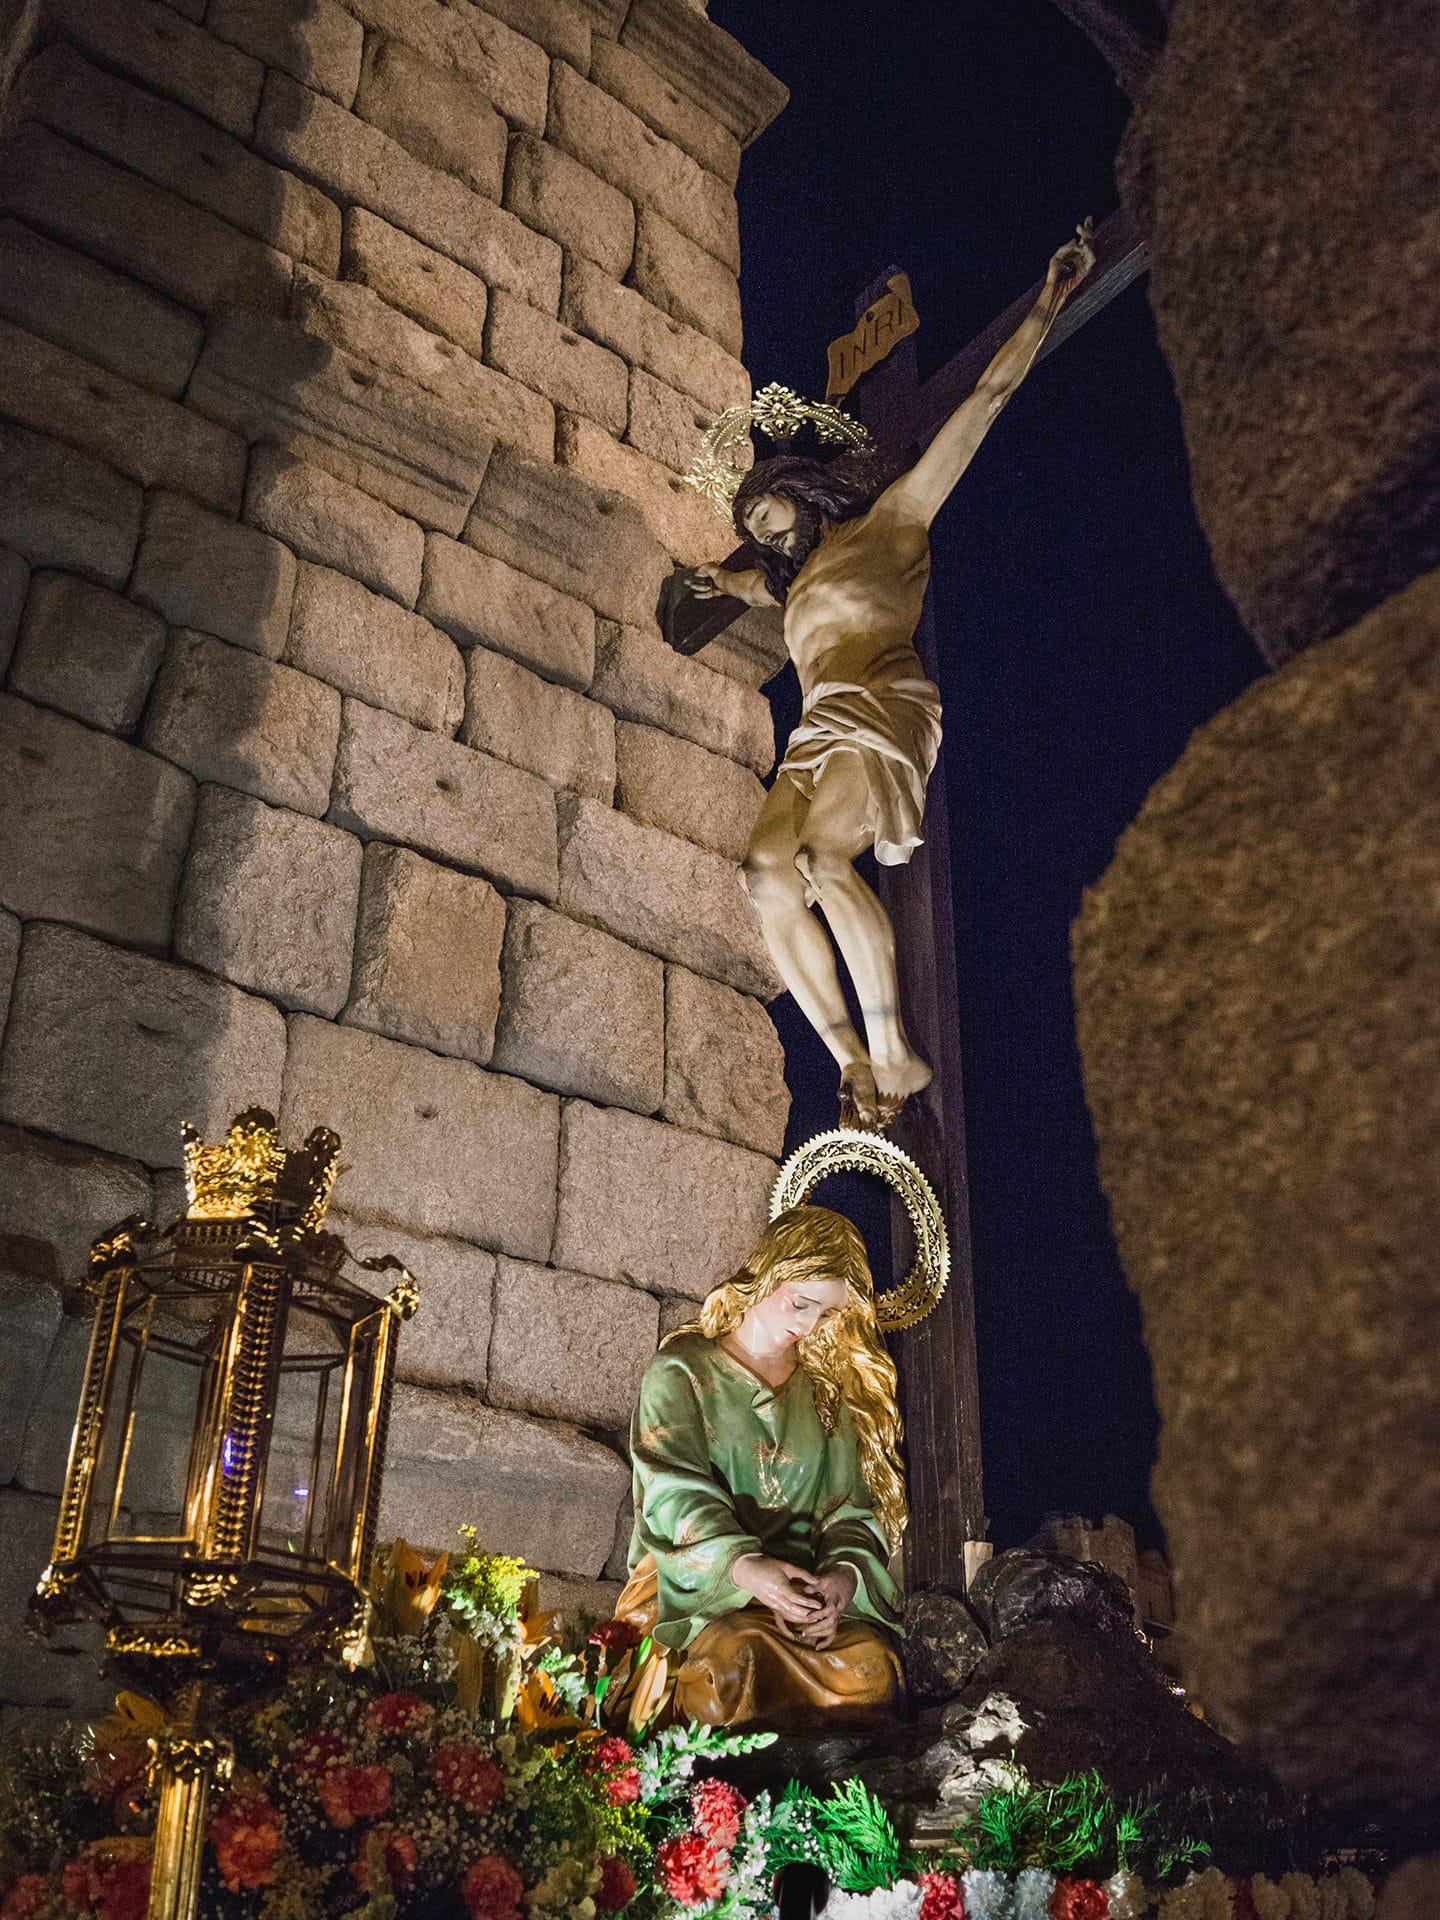 magdalena a los pies de la cruz, san jose, cofra. la piedad, viernes santo, Segovia (Manu Rodrigo)